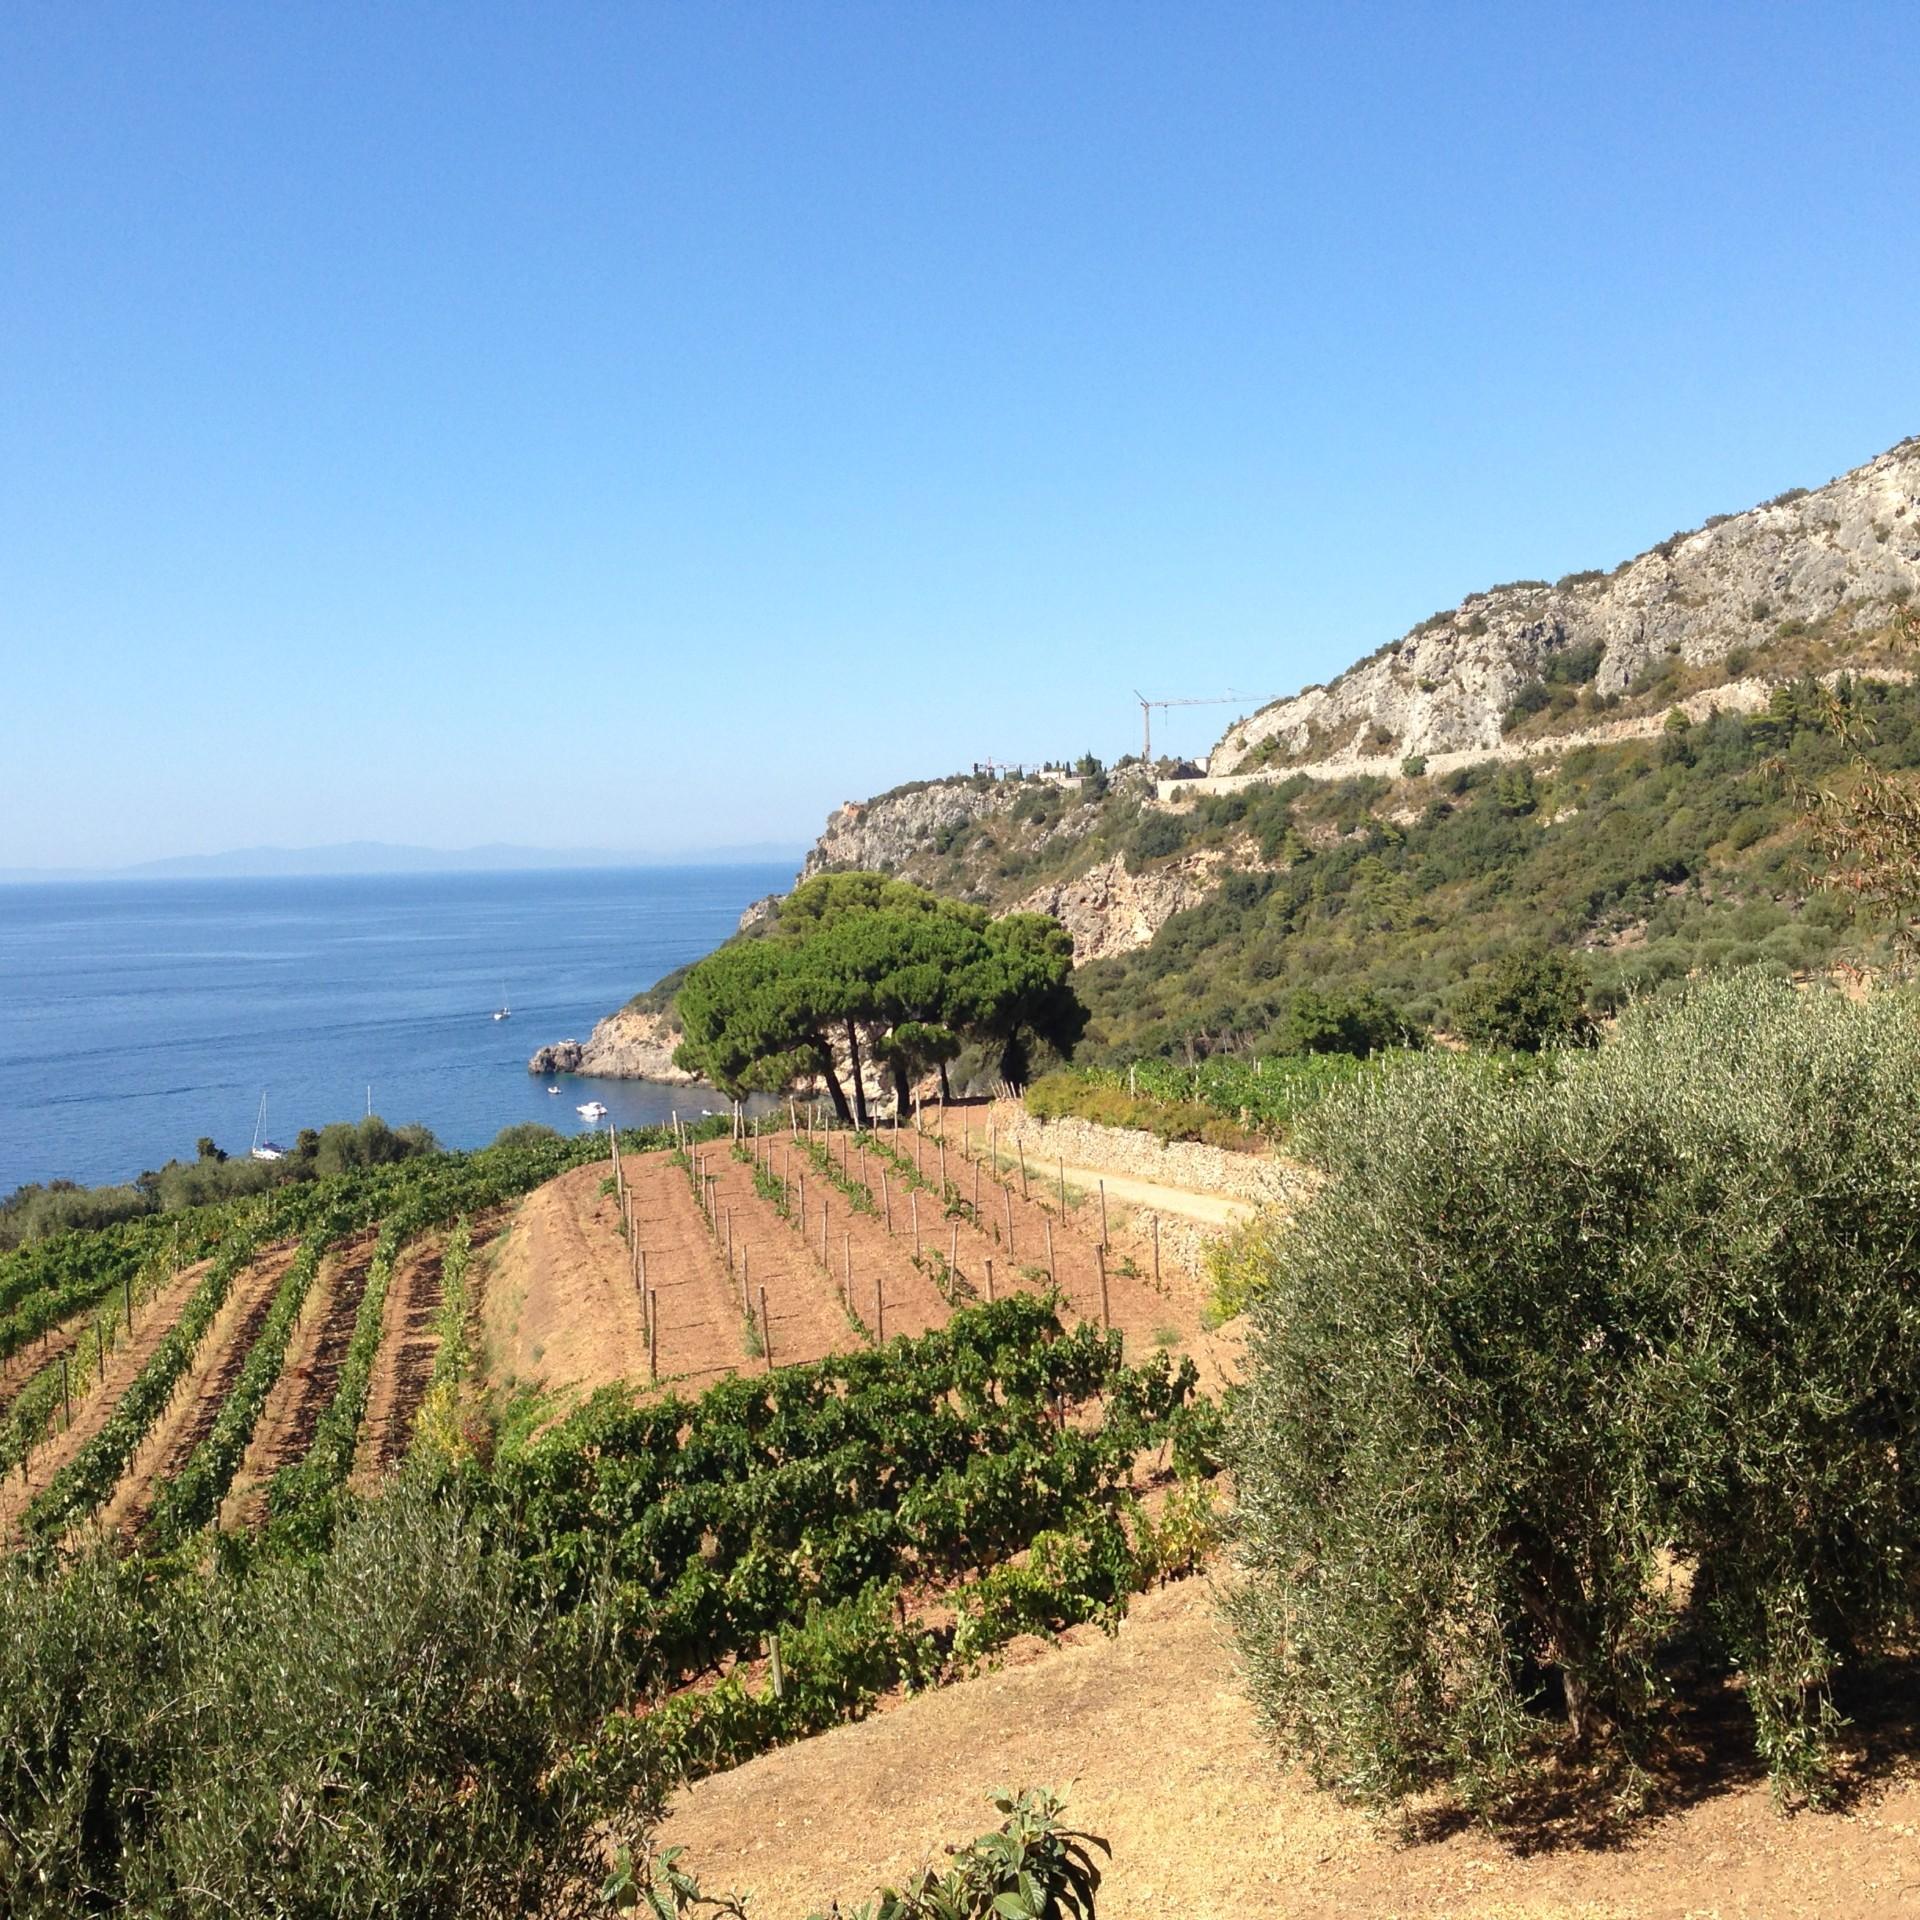 Weingut auf dem Monte Argentario - Blick gegen Westen